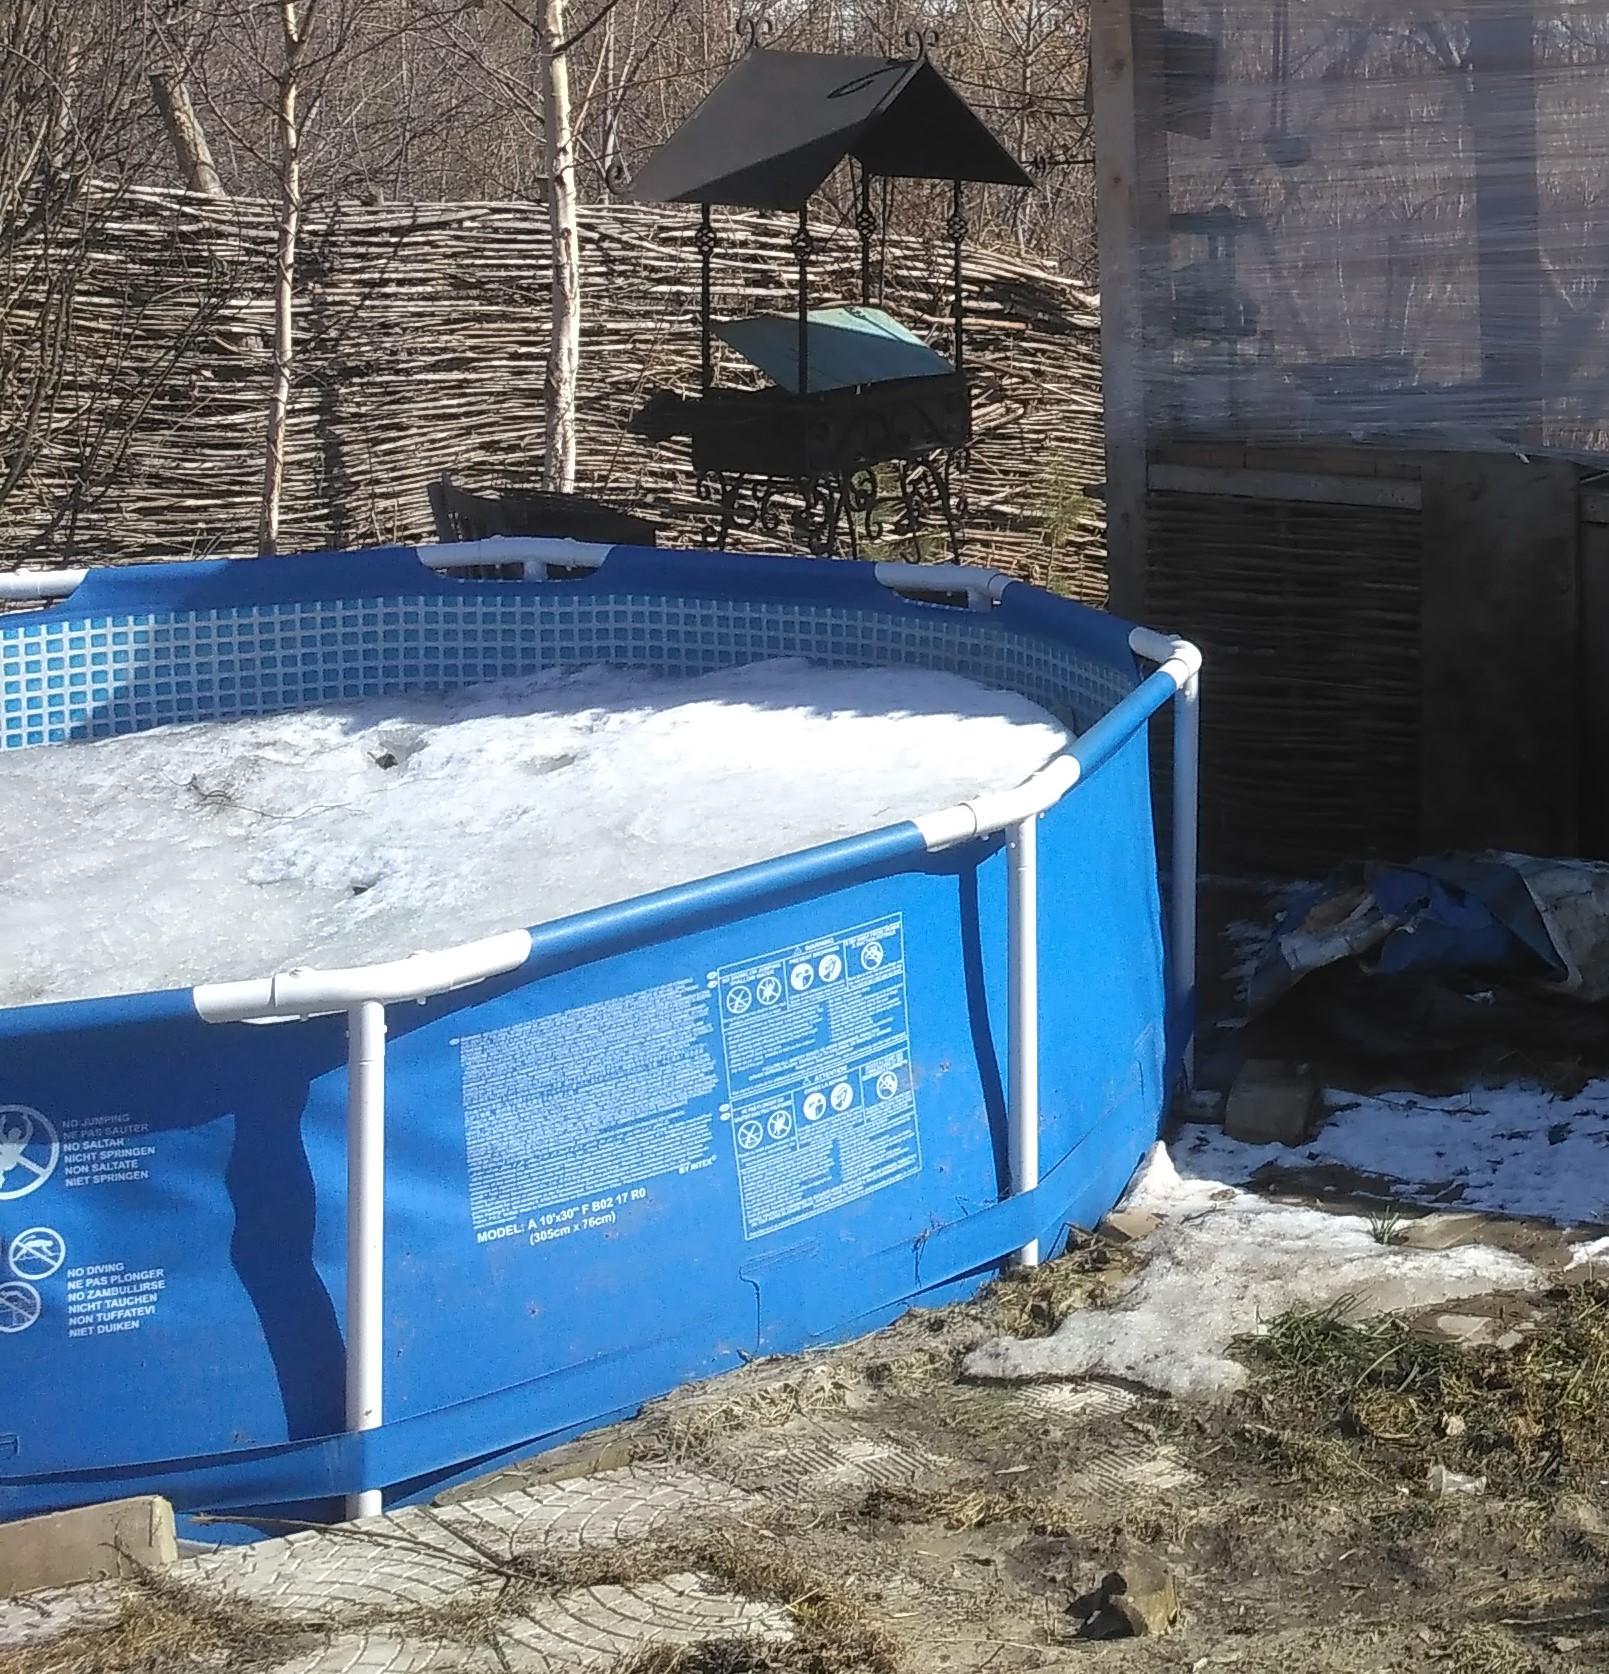 Как сложить каркасный бассейн на зиму? нужно ли убирать бассейн? как правильно разобрать и складывать круглый бассейн?